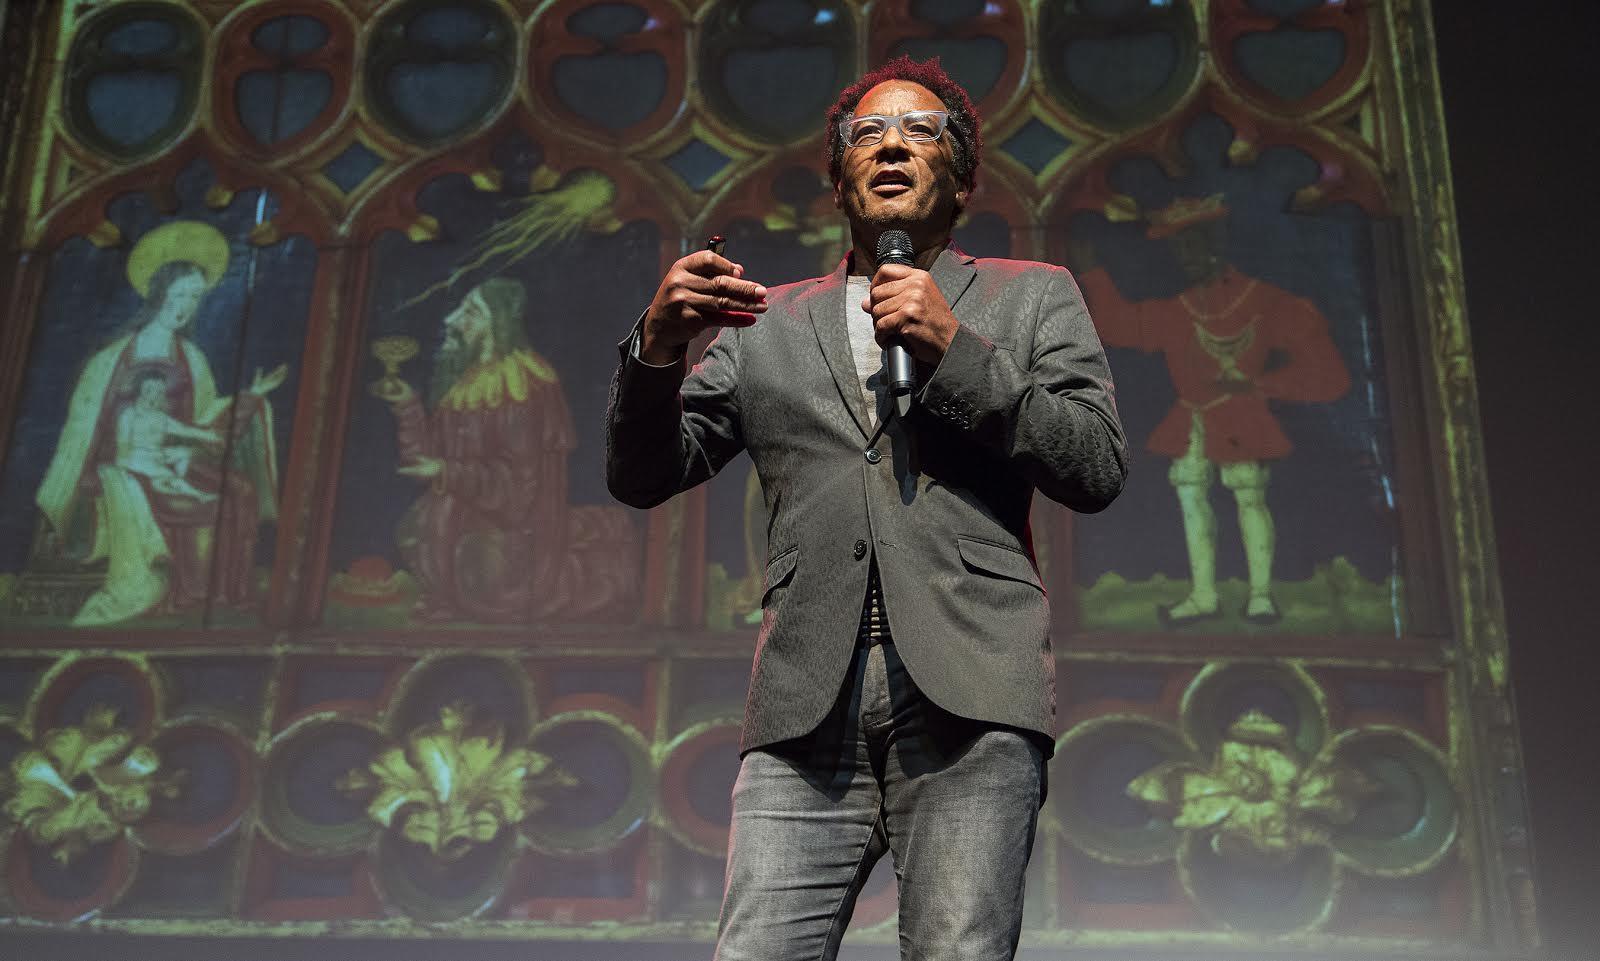 Michael Ohajuru là nhà nghiên cứu lịch sử nghệ thuật, chuyên thuyết minh tại các phòng trưng bày tranh ở London về sự hiện diện của người da đen trong nghệ thuật